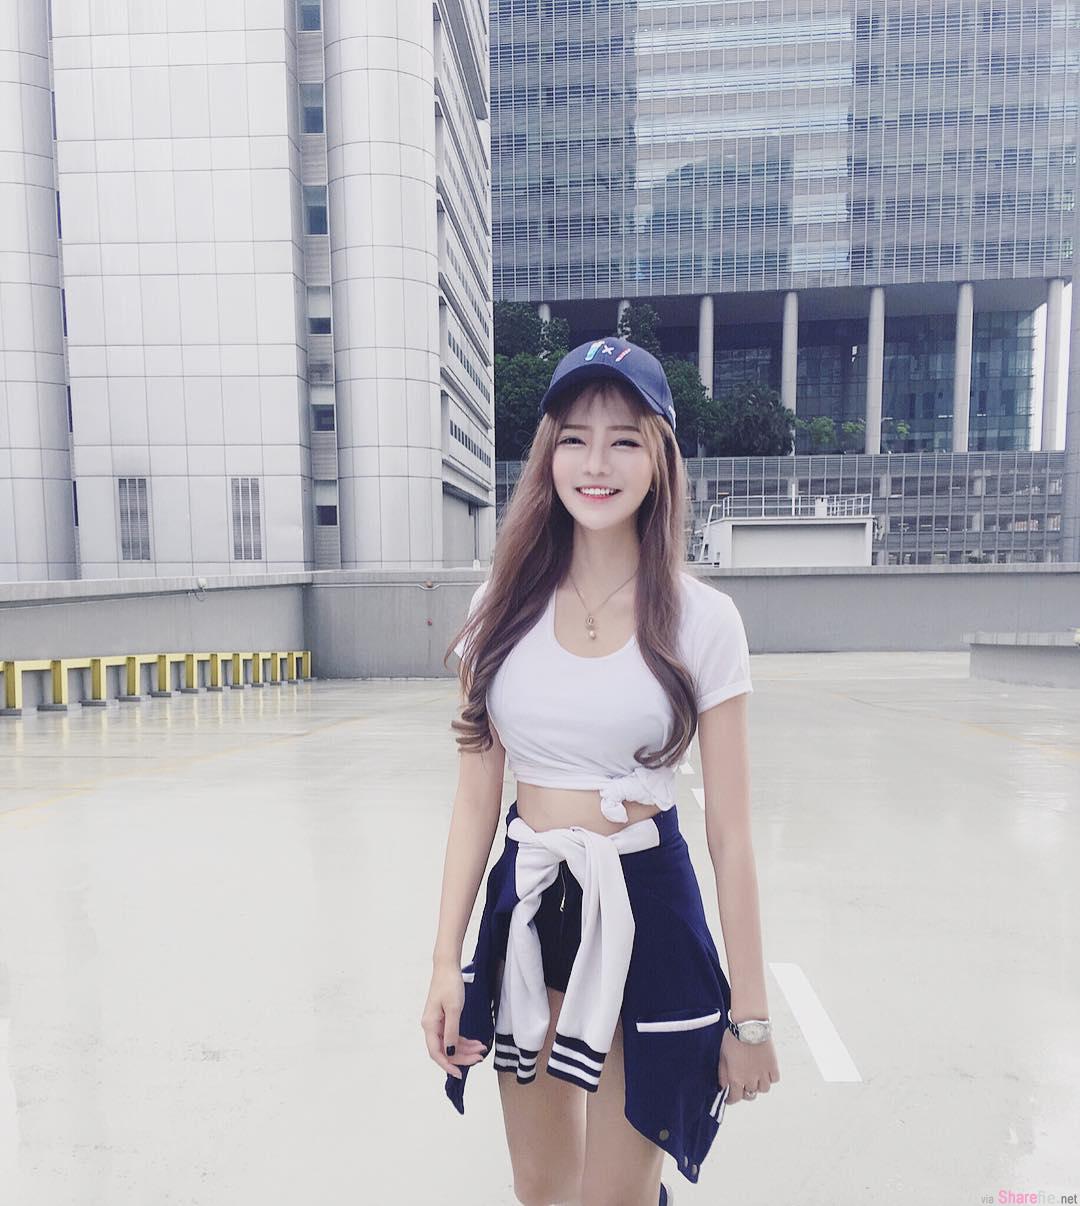 新加坡正妹王雪婷,雪白肌肤修长细腿超吸睛